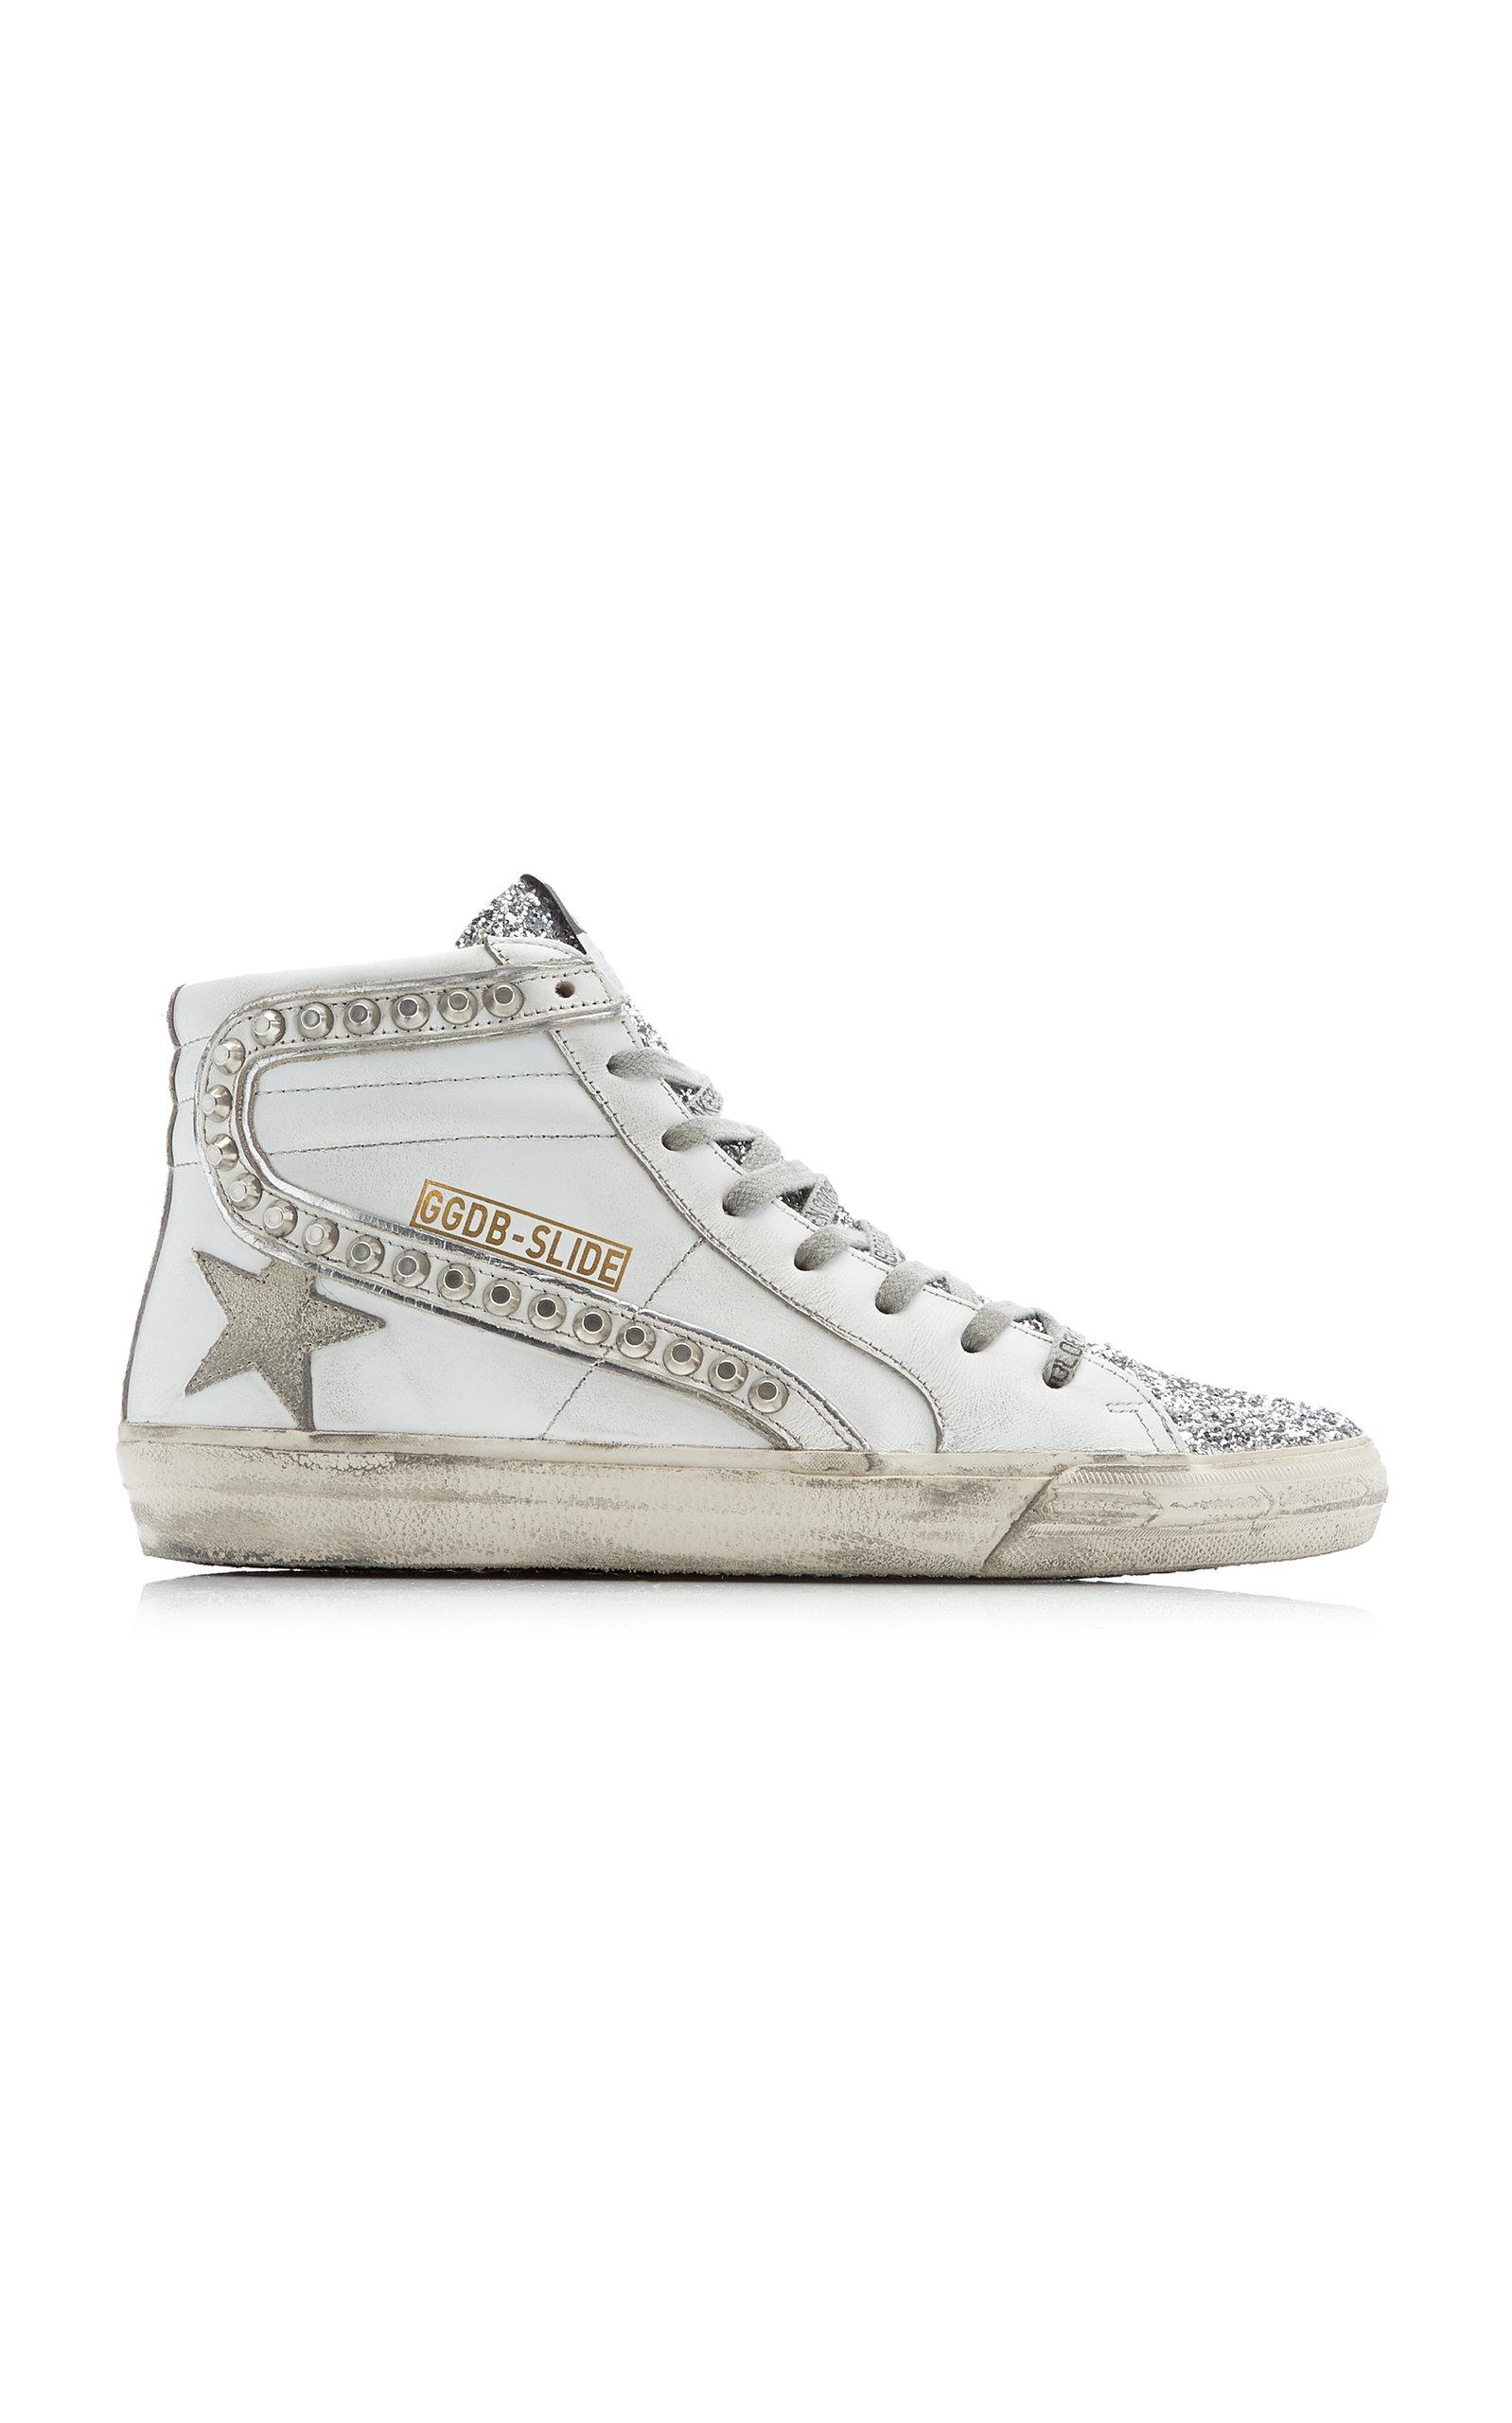 Golden Goose - Women's Slide Studded Leather High-Top Sneakers - White - Moda Operandi